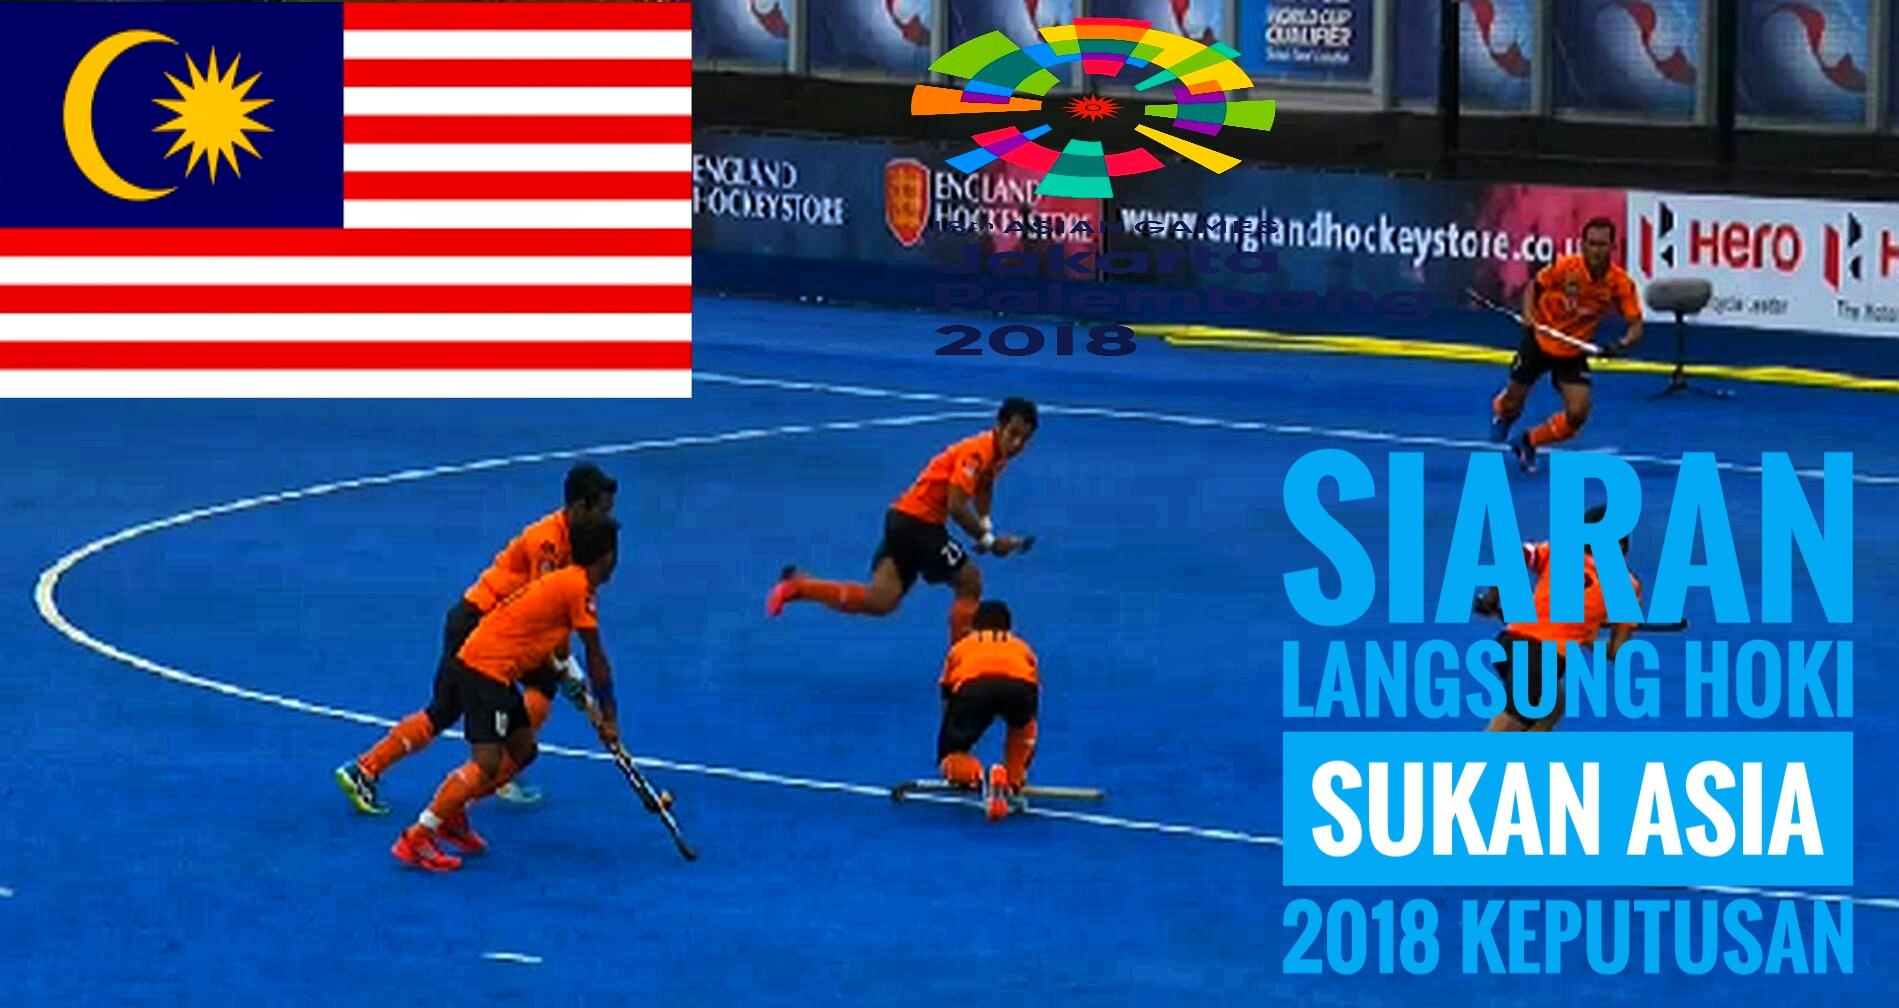 Siaran Langsung Hoki Sukan Asia 2018 Keputusan